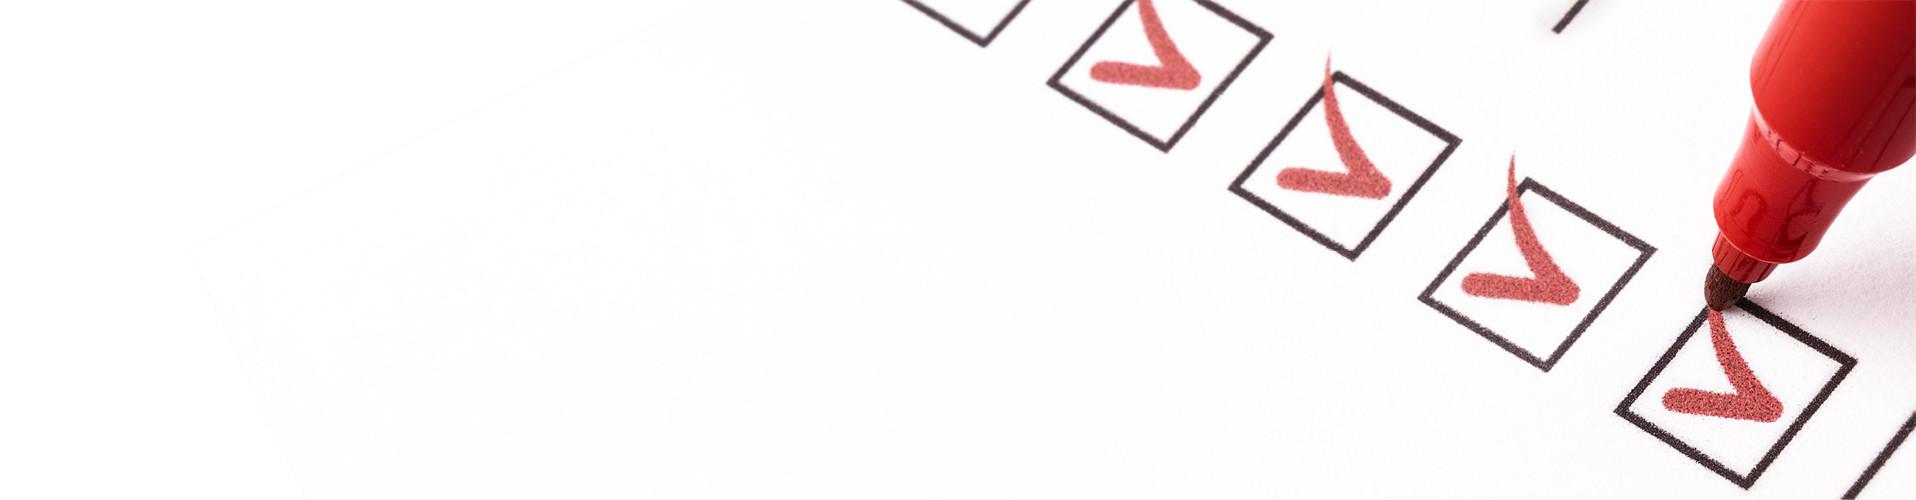 Auf einer Liste mit 7 Checkboxen sind 5 davon mit rotem Filzstift abgehakt. © Aspi13, stock.adobe.com